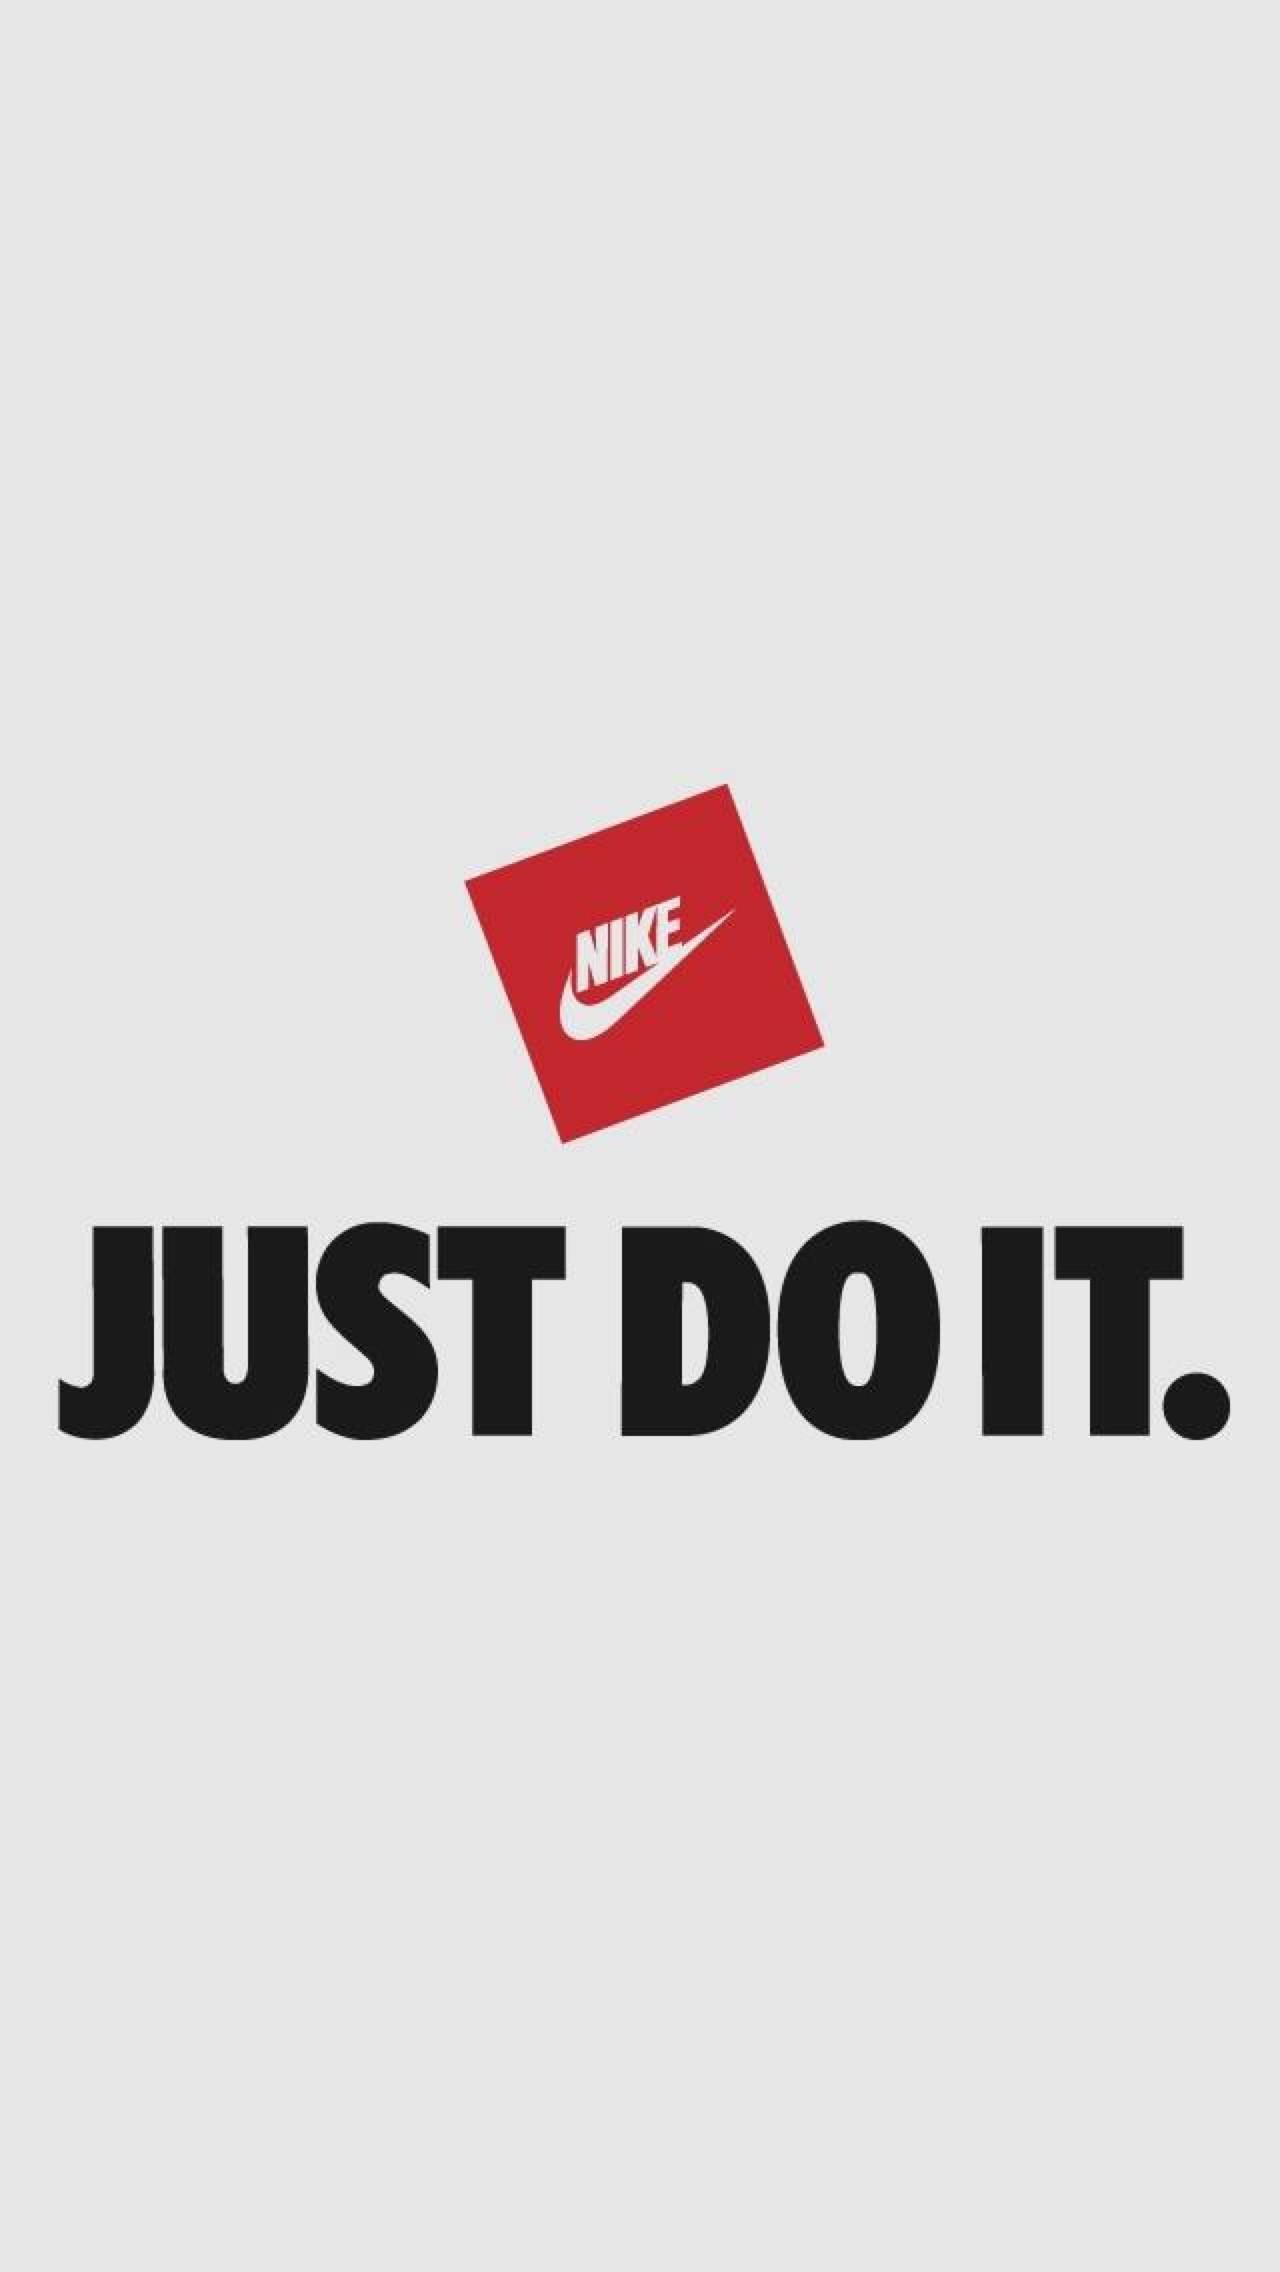 Nike Air Jordan Logo Wallpaper (69+ Images